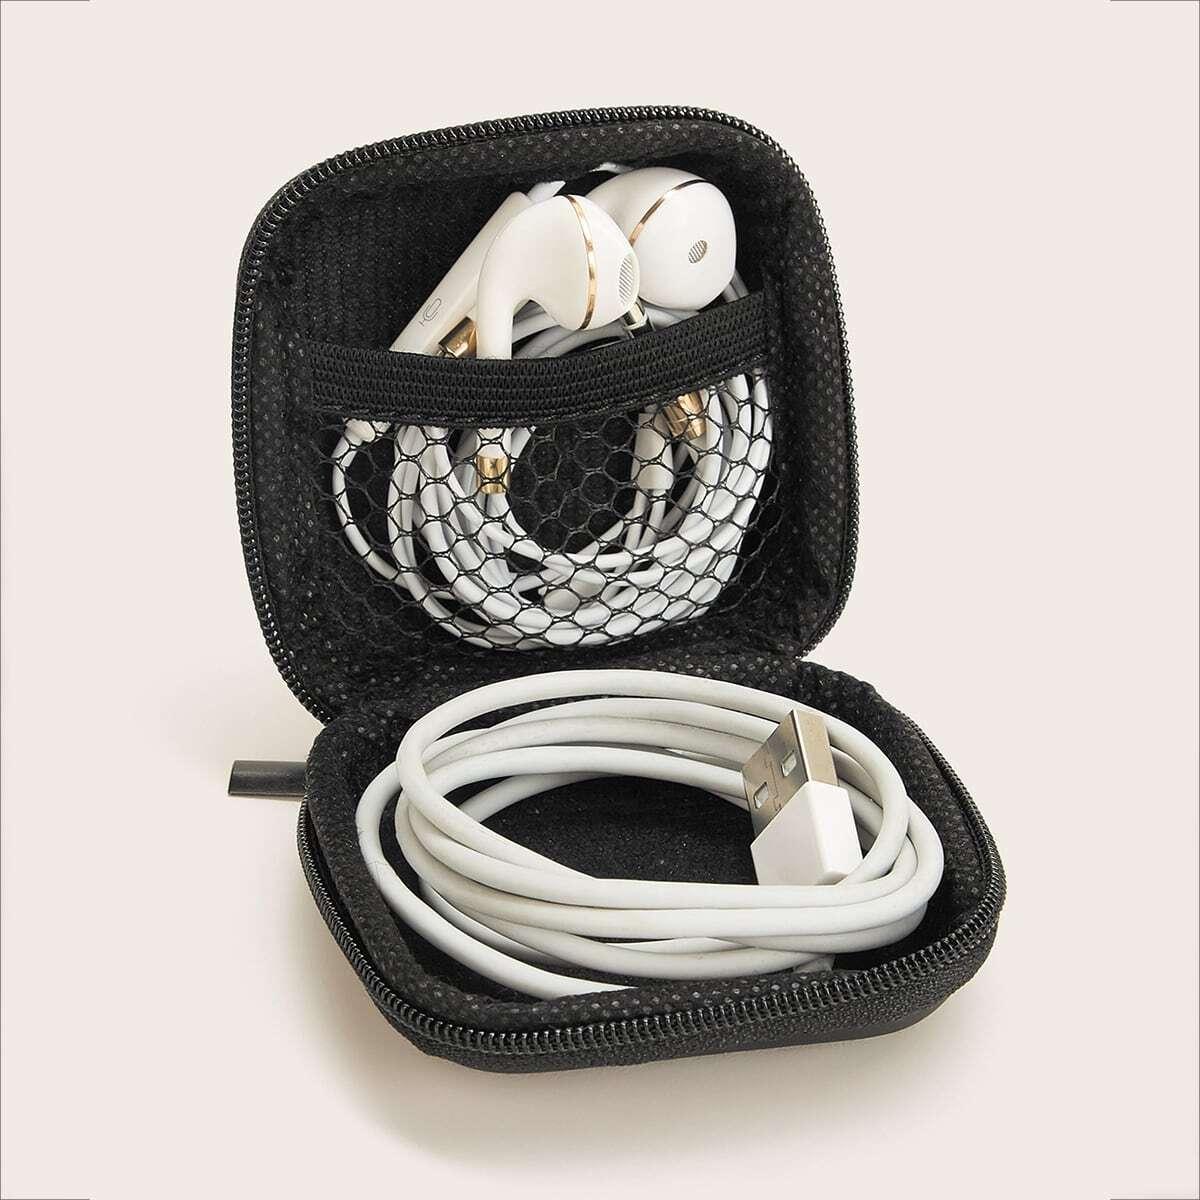 Vierkante opbergtas voor kabel en headset